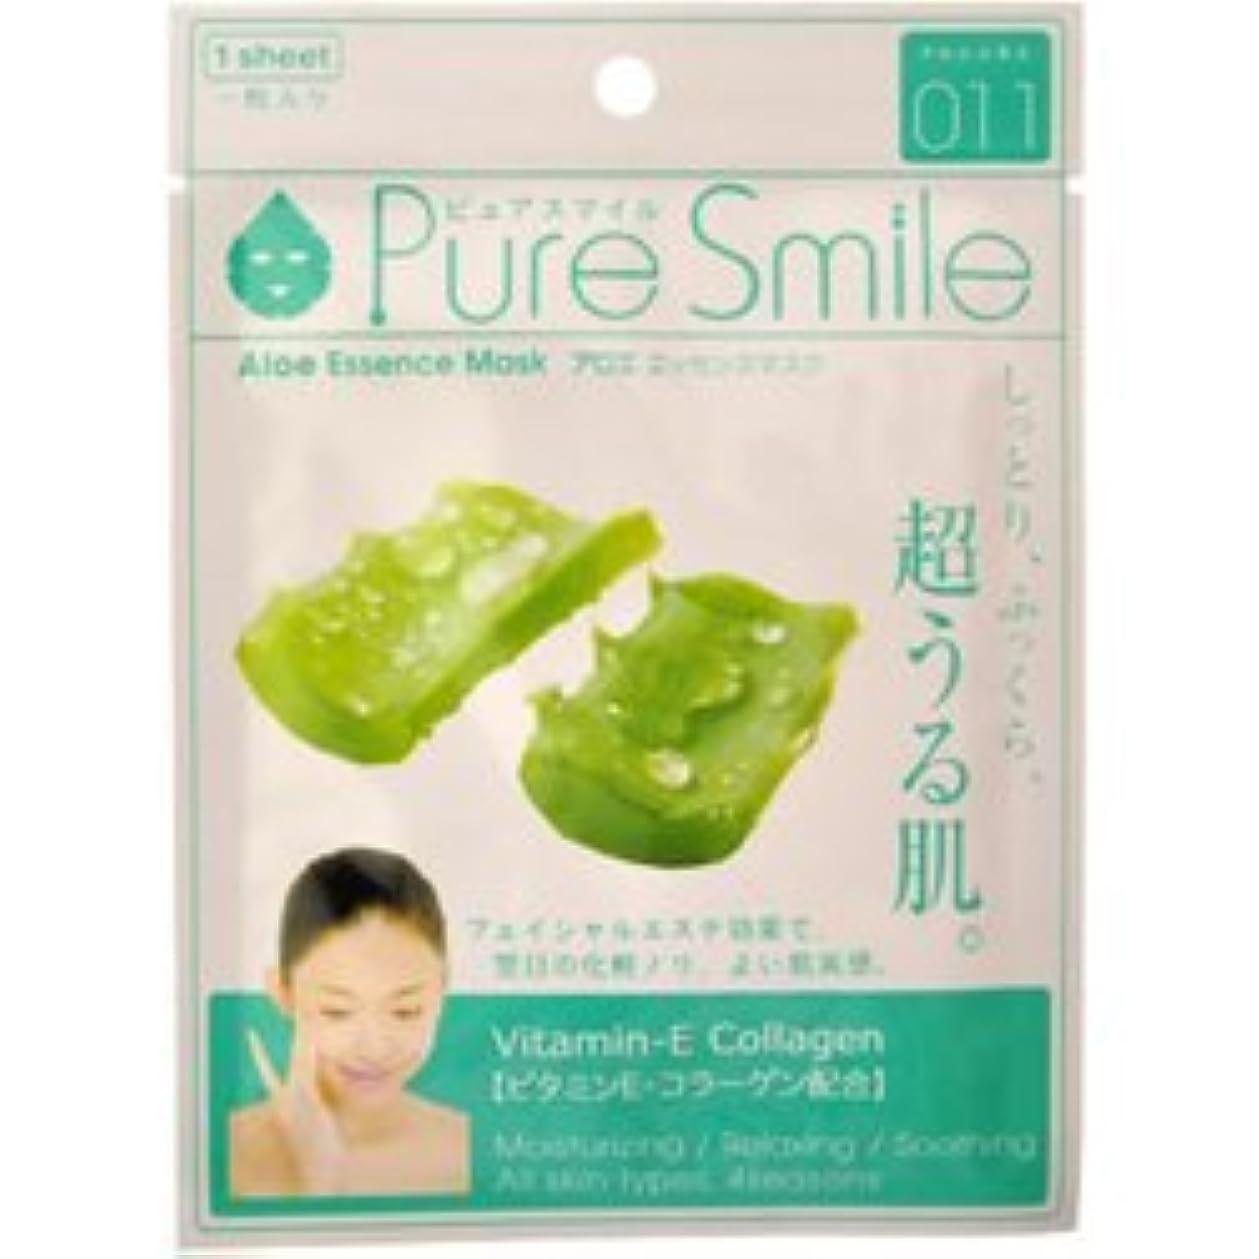 典型的な歯最も早い【サンスマイル】エッセンスマスク アロエ 1枚 ×20個セット